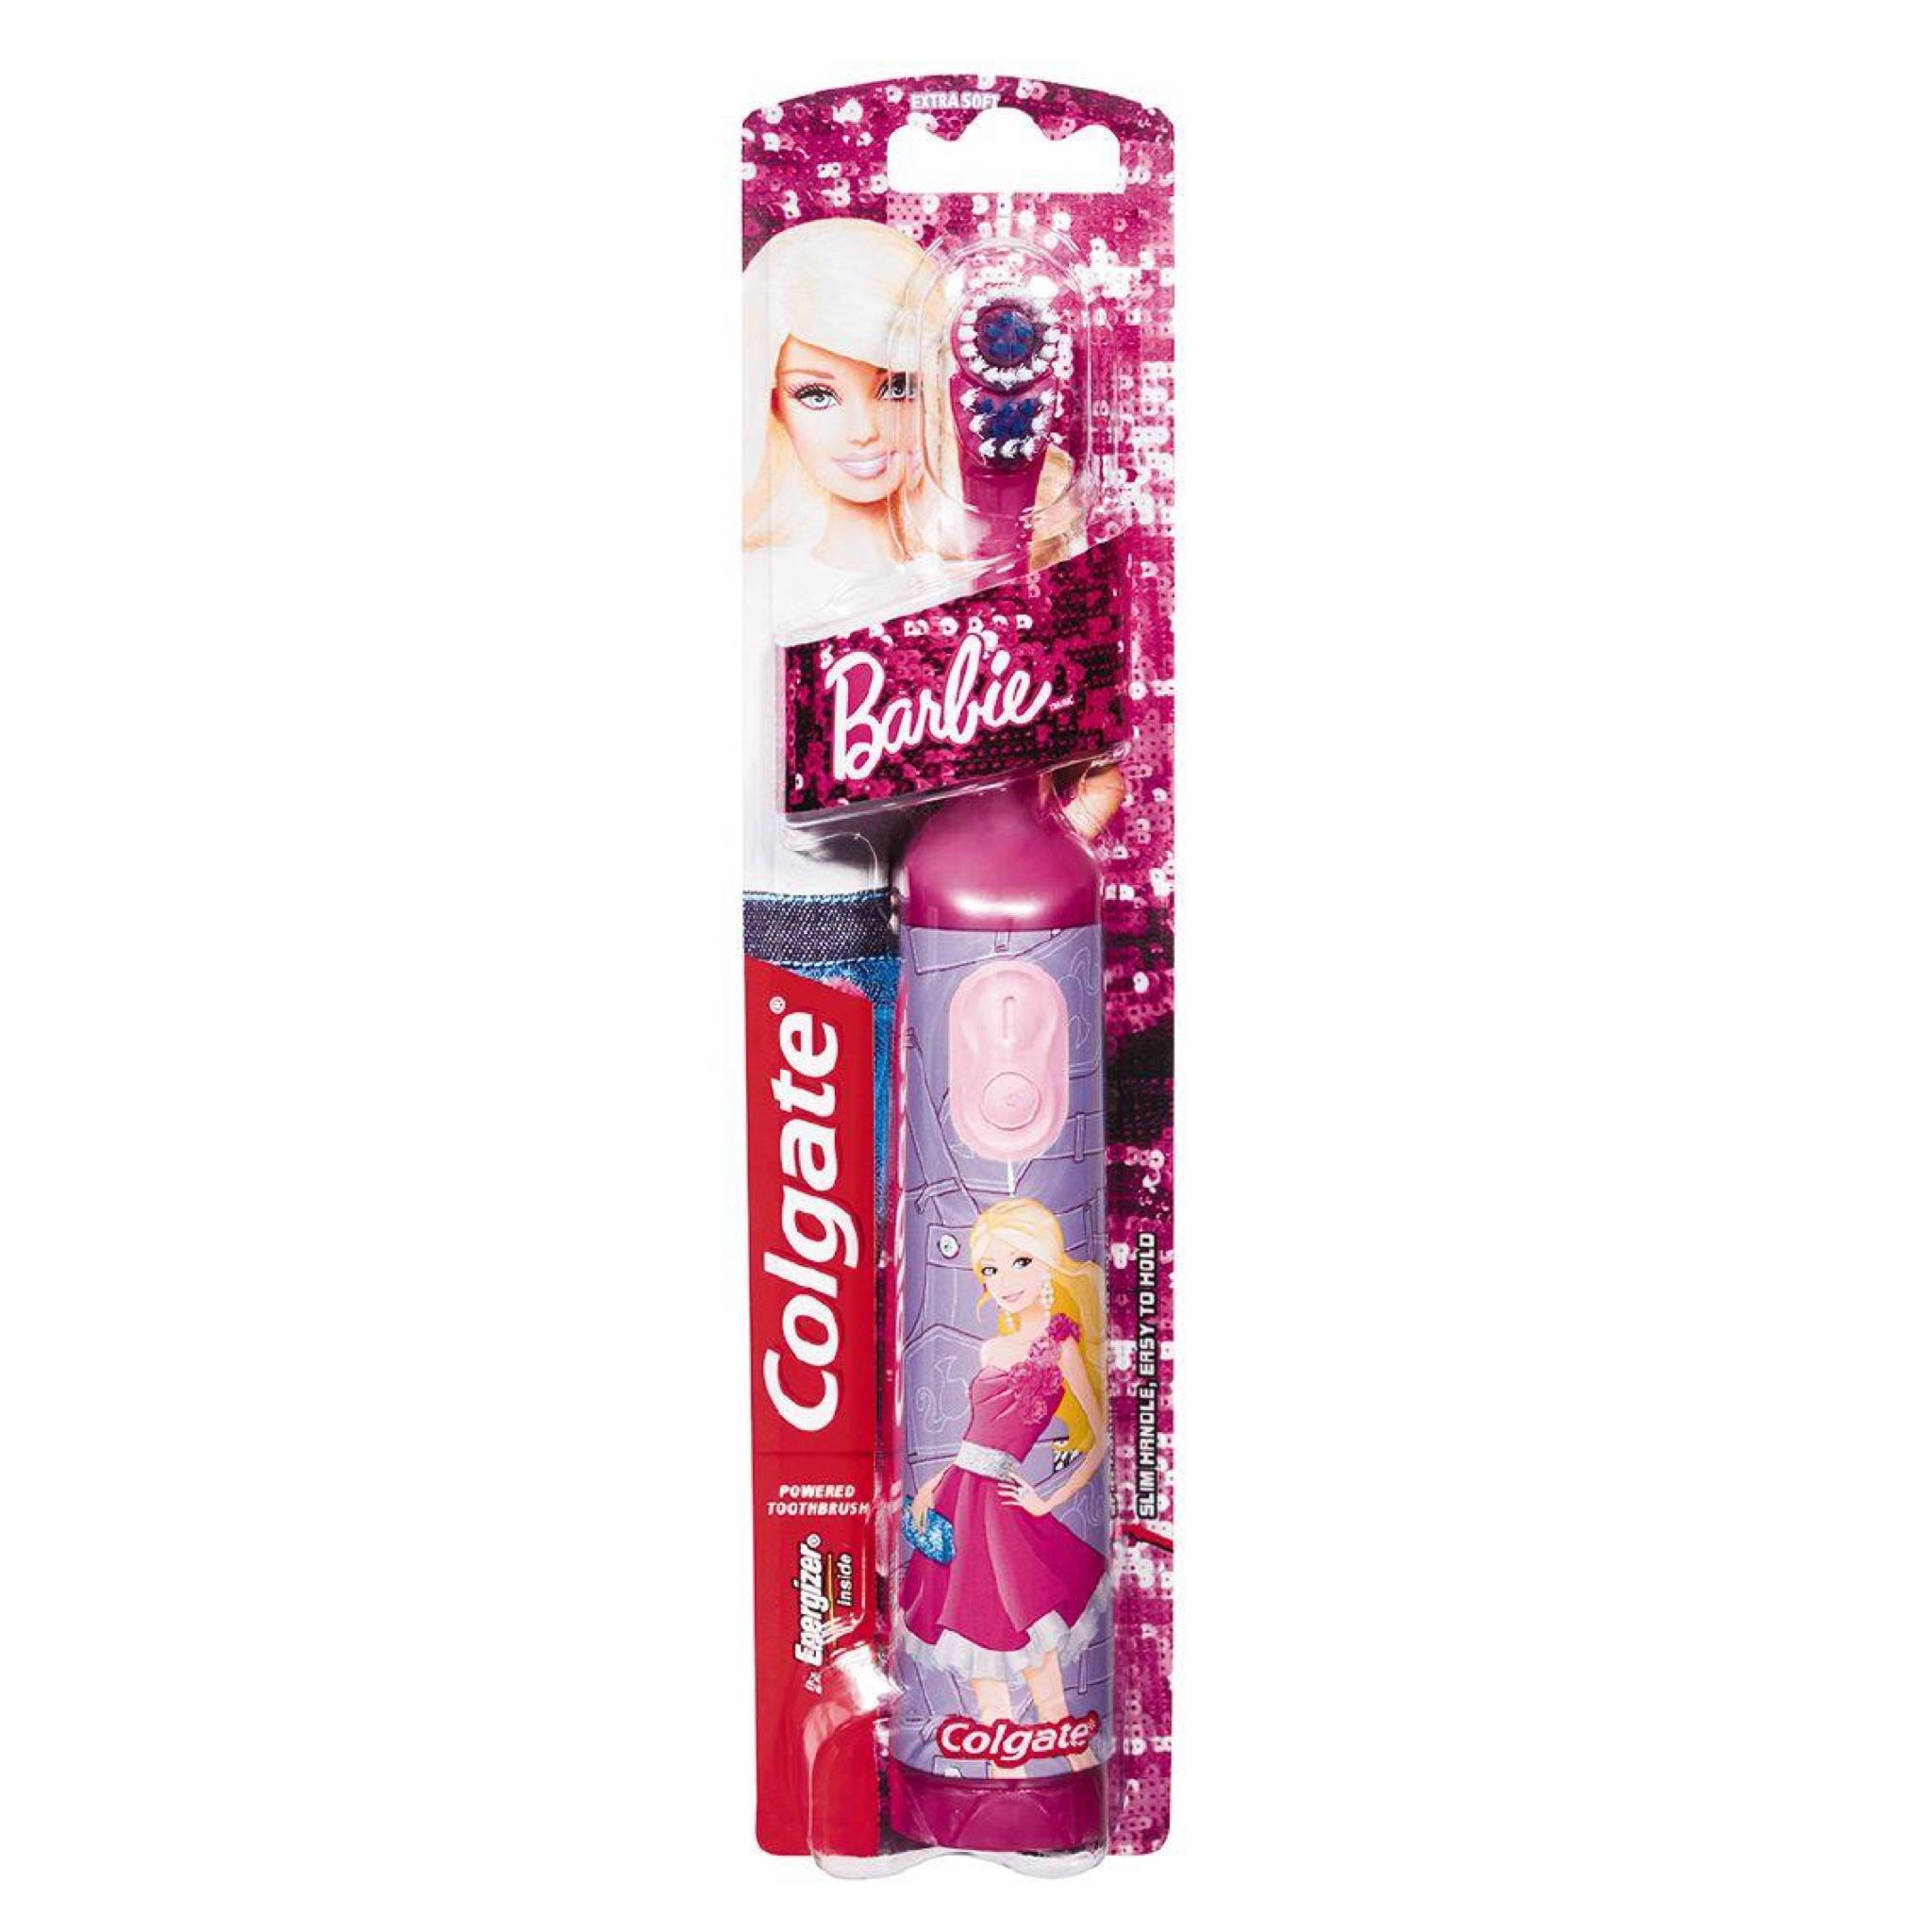 แปรงสีฟันอัตโนมัติสำหรับเด็ก Colgate Battery Powered Toothbrush (Barbie)